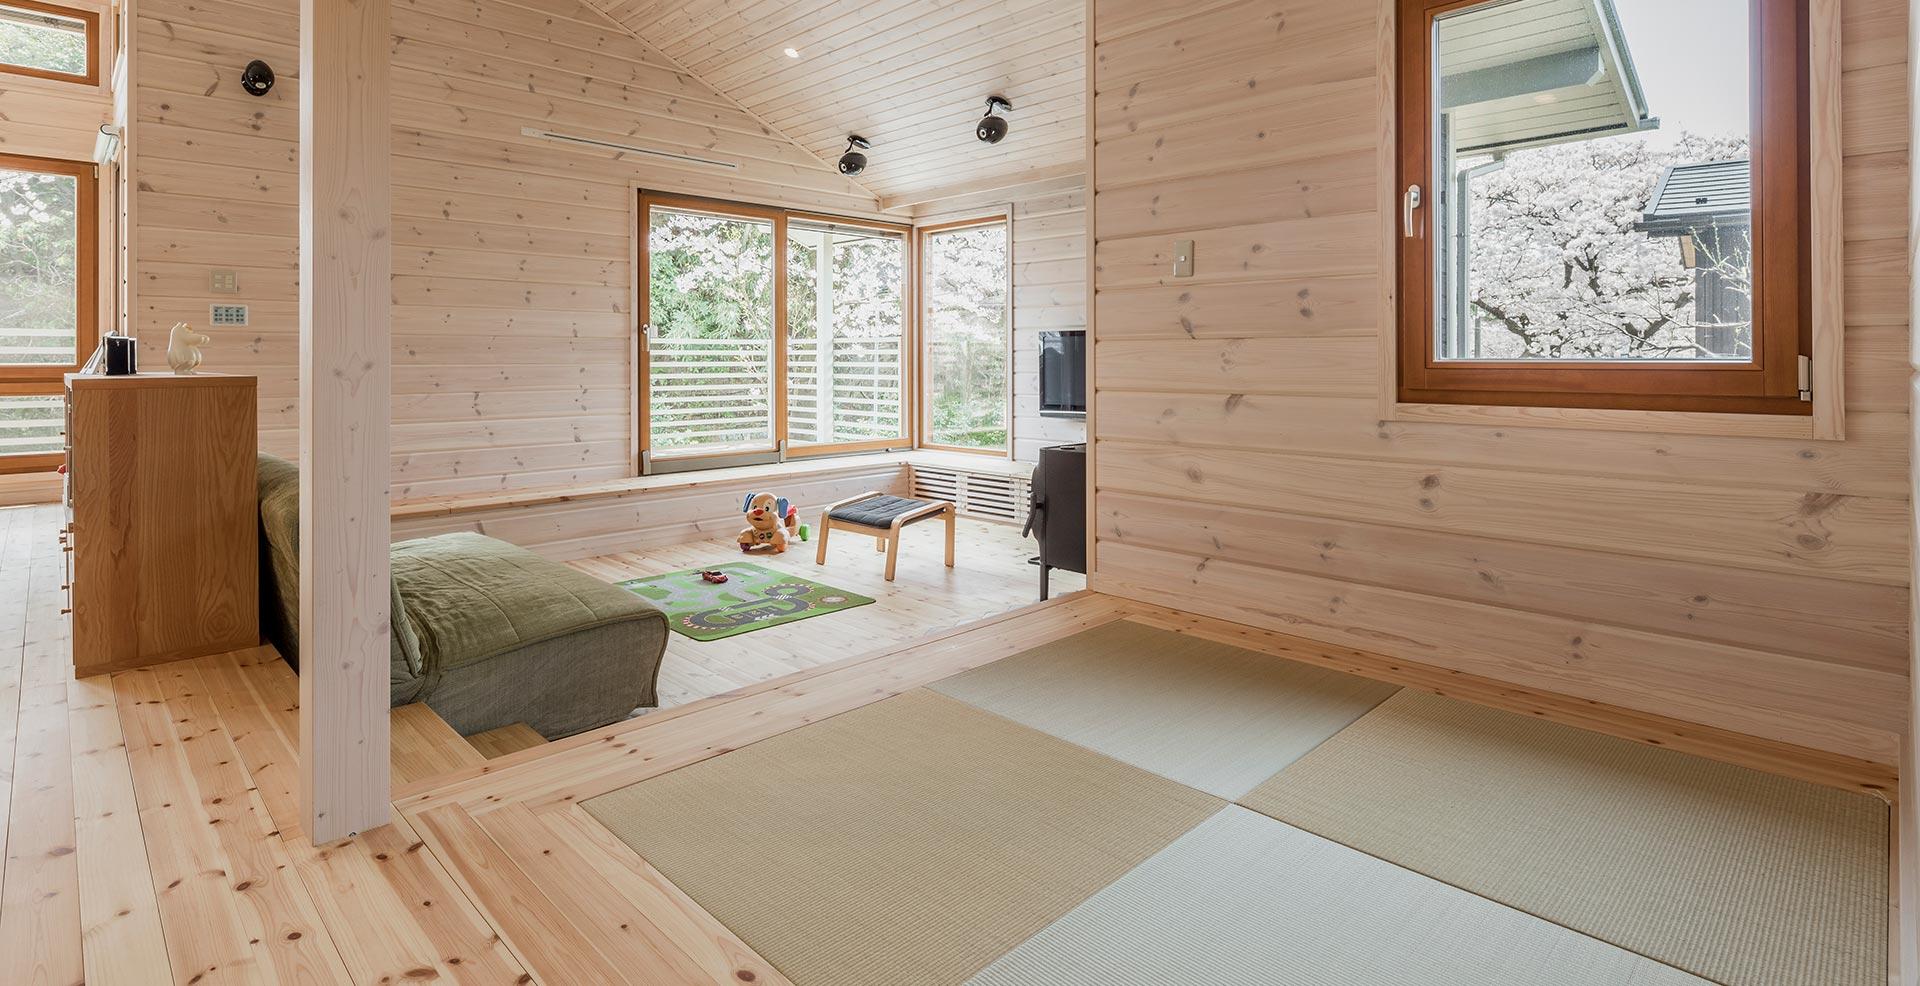 オープンスペースの一角に畳のスペースを設置